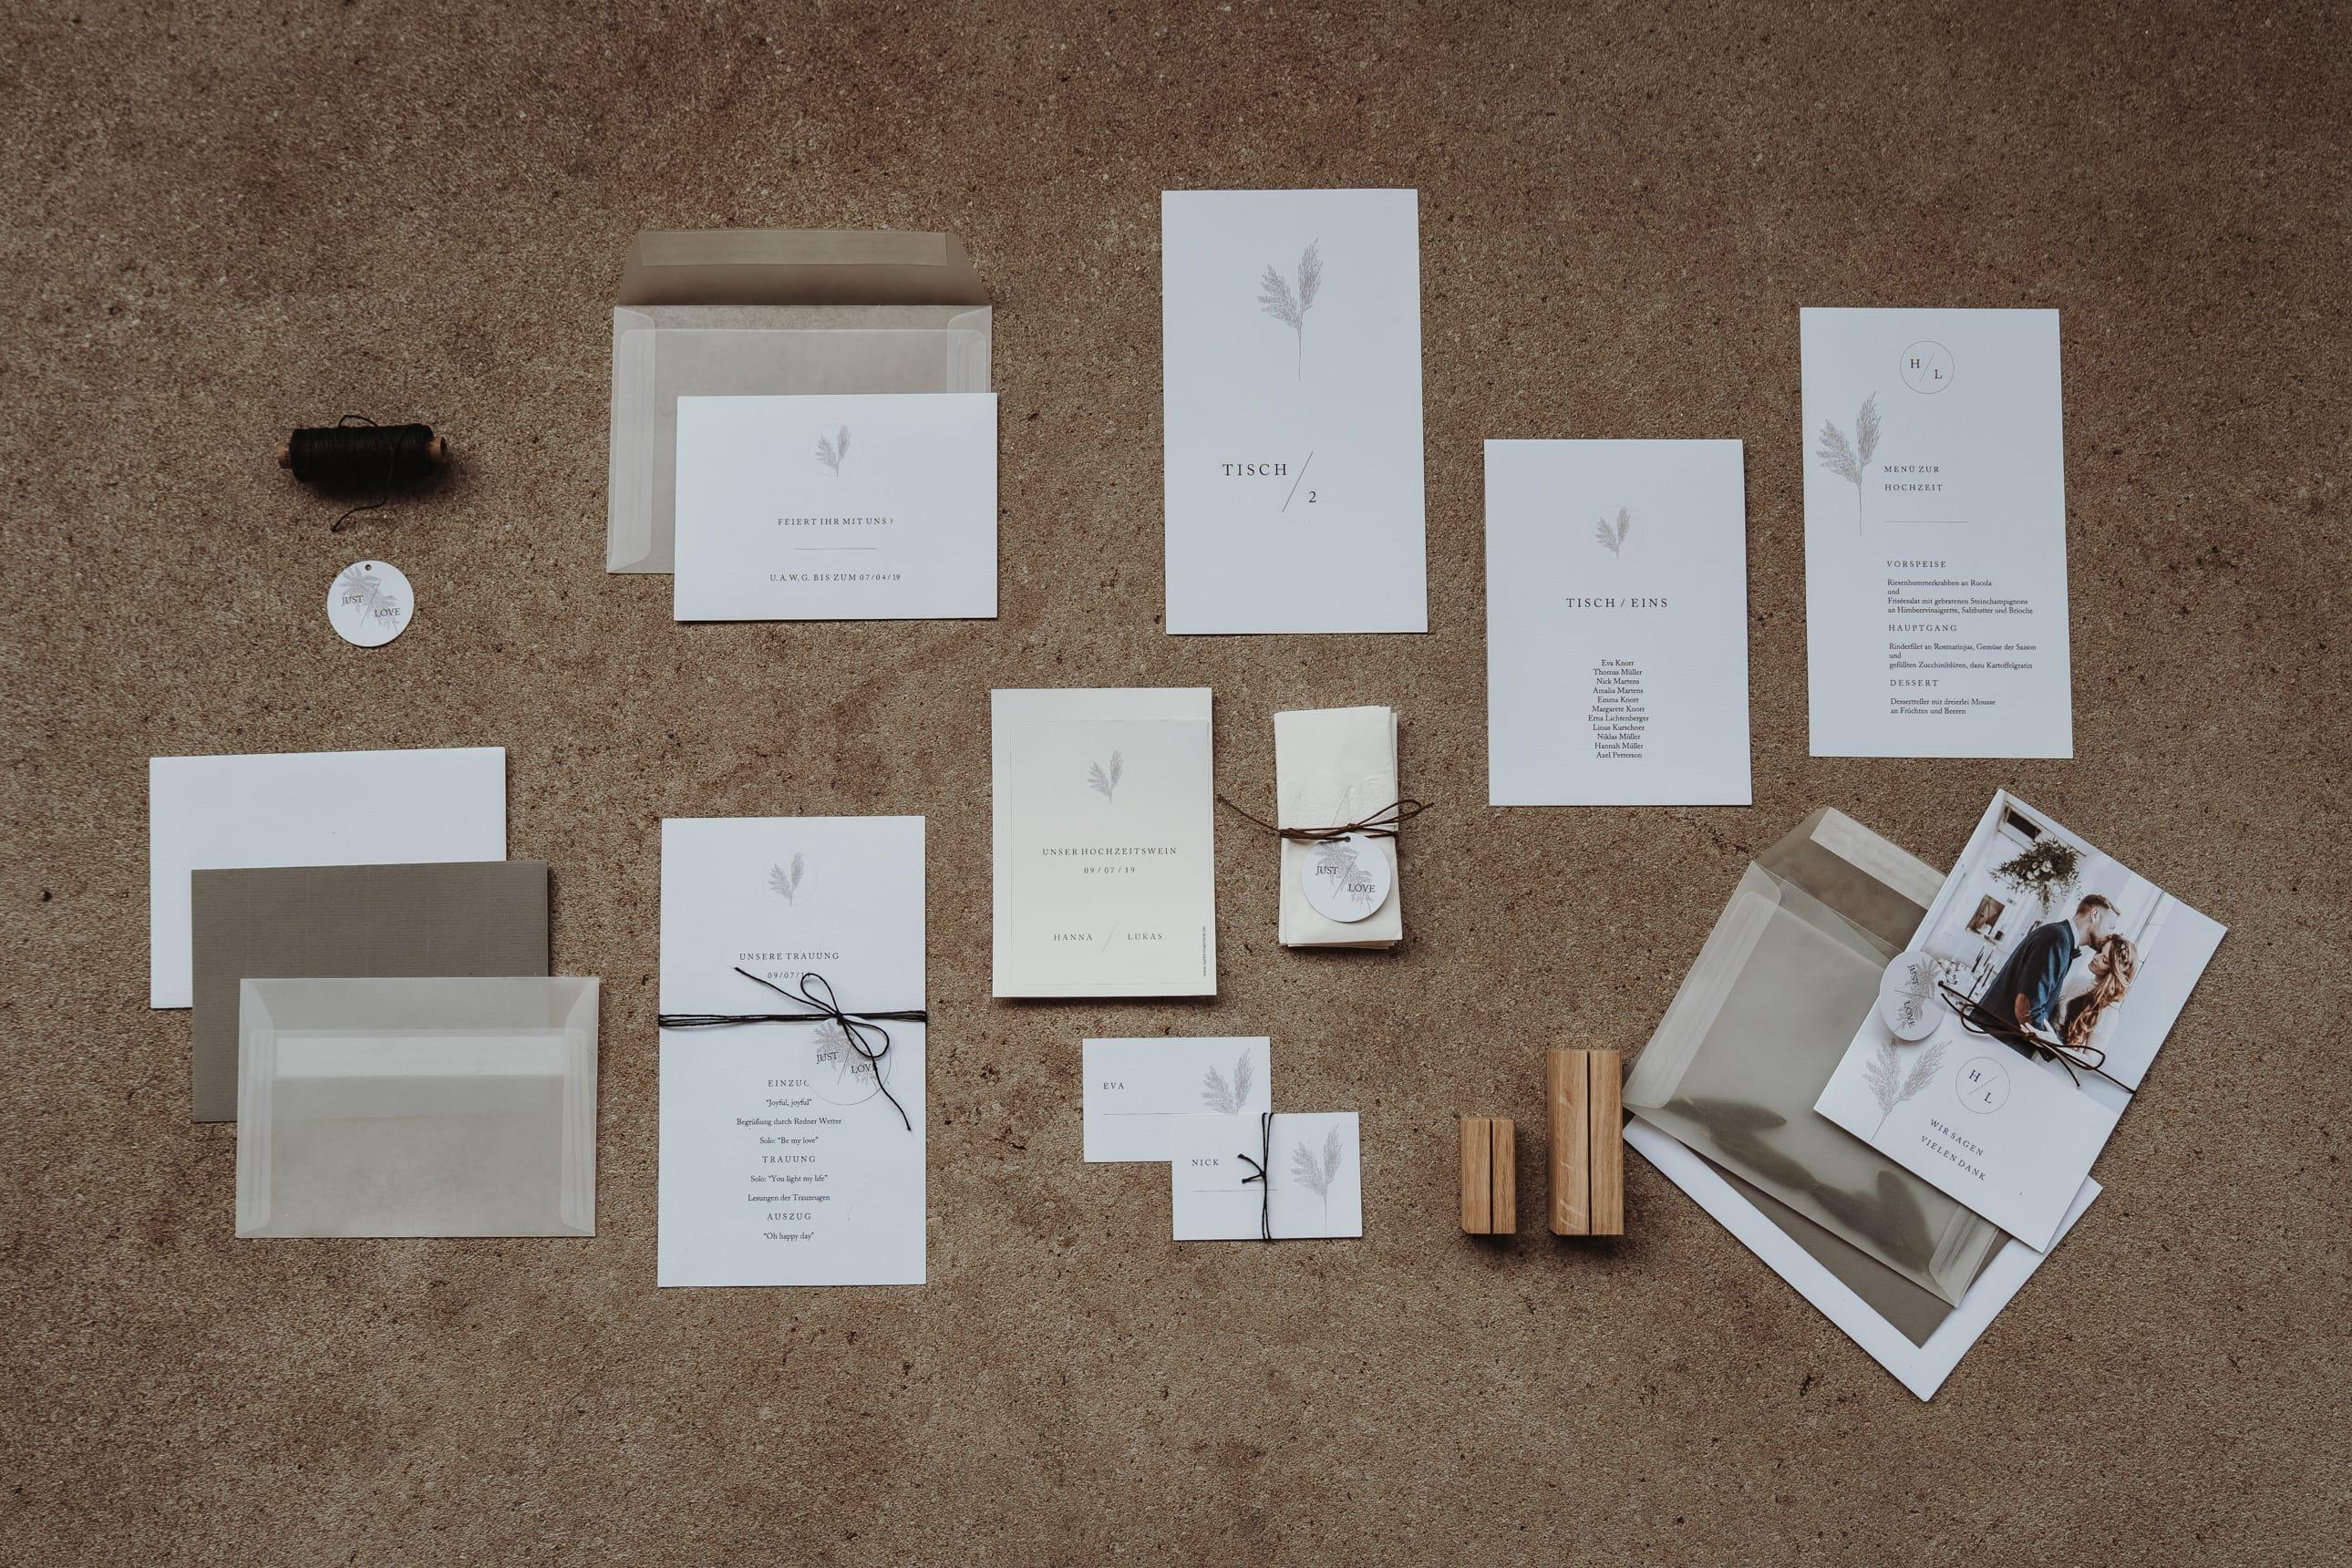 Einladung_Hochzeit_01